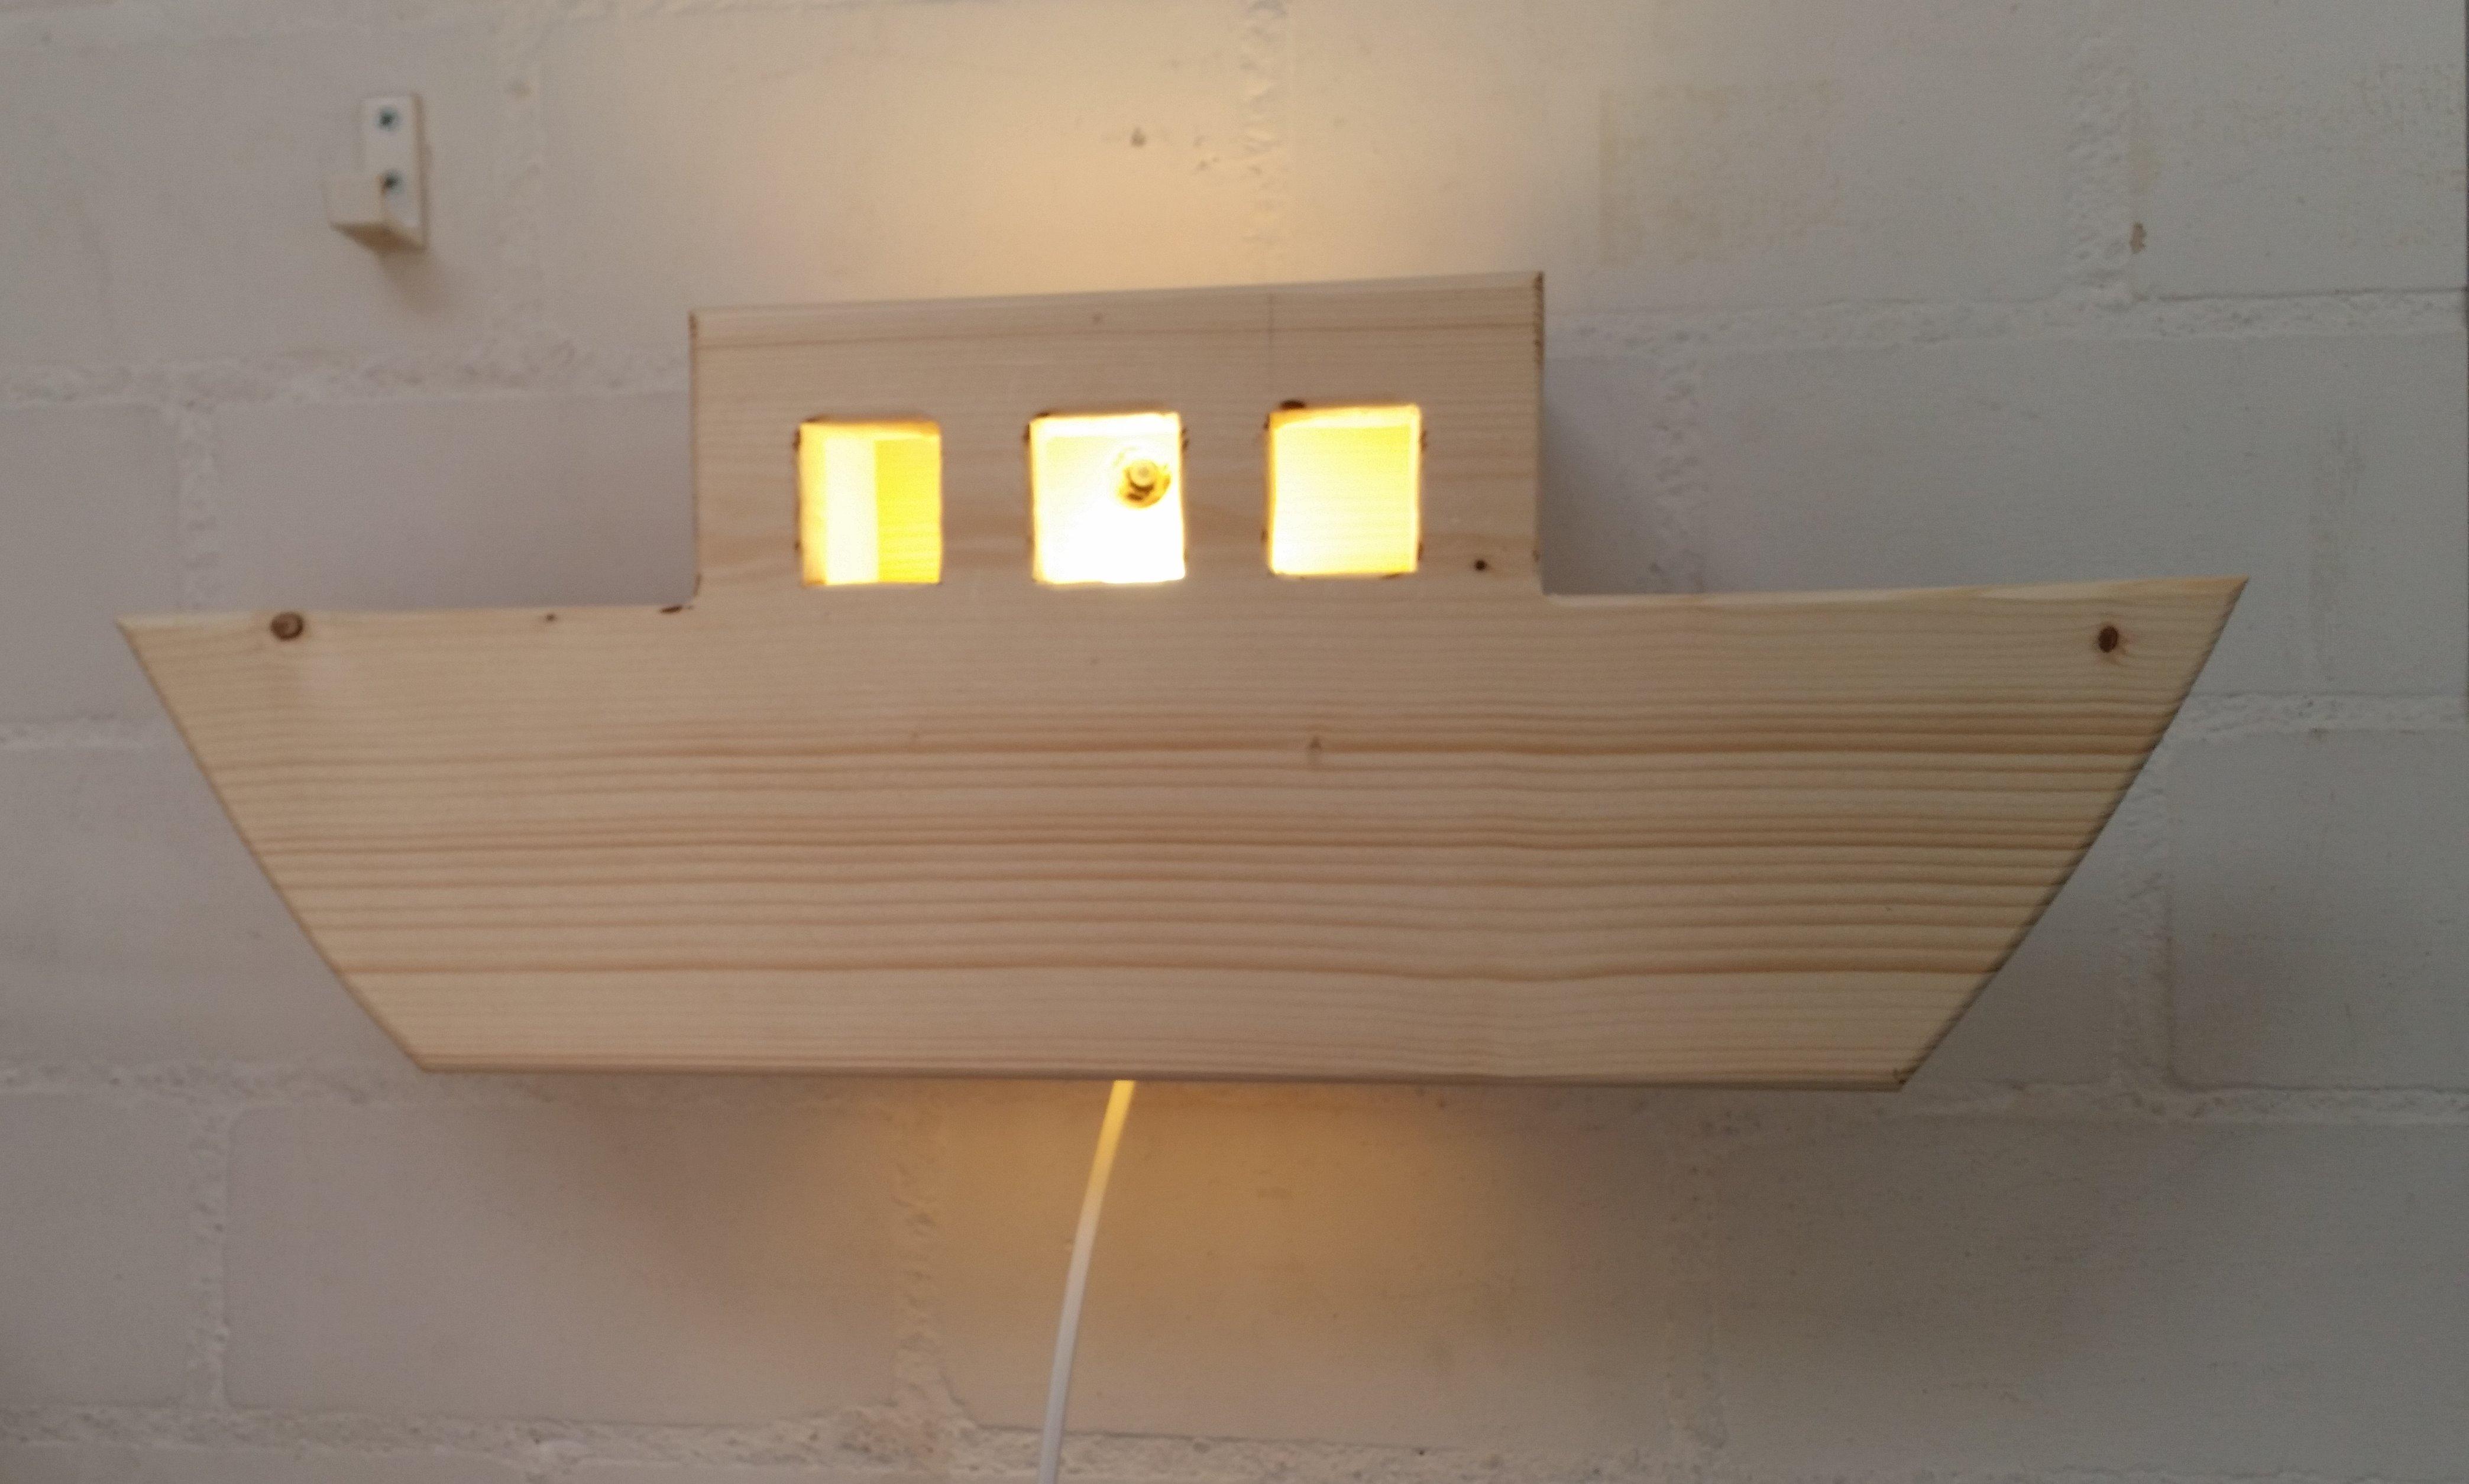 Wandlamp Steigerhout Slaapkamer : Wandlamp steigerhout lankreijer steigerhouten meubels